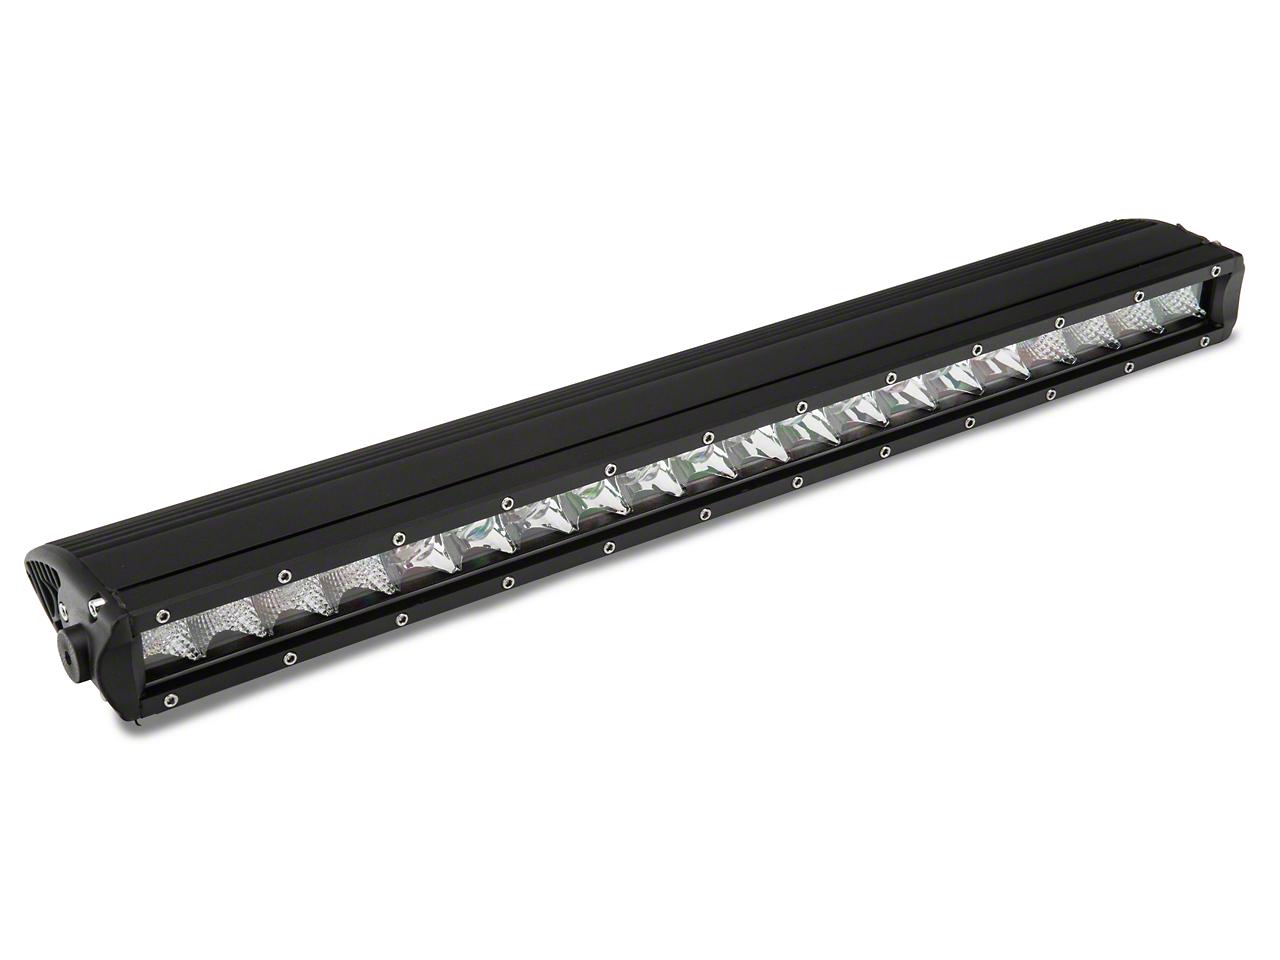 DV8 Off-Road 20 in. SL8 Slim Series LED Light Bar - Spot Beam